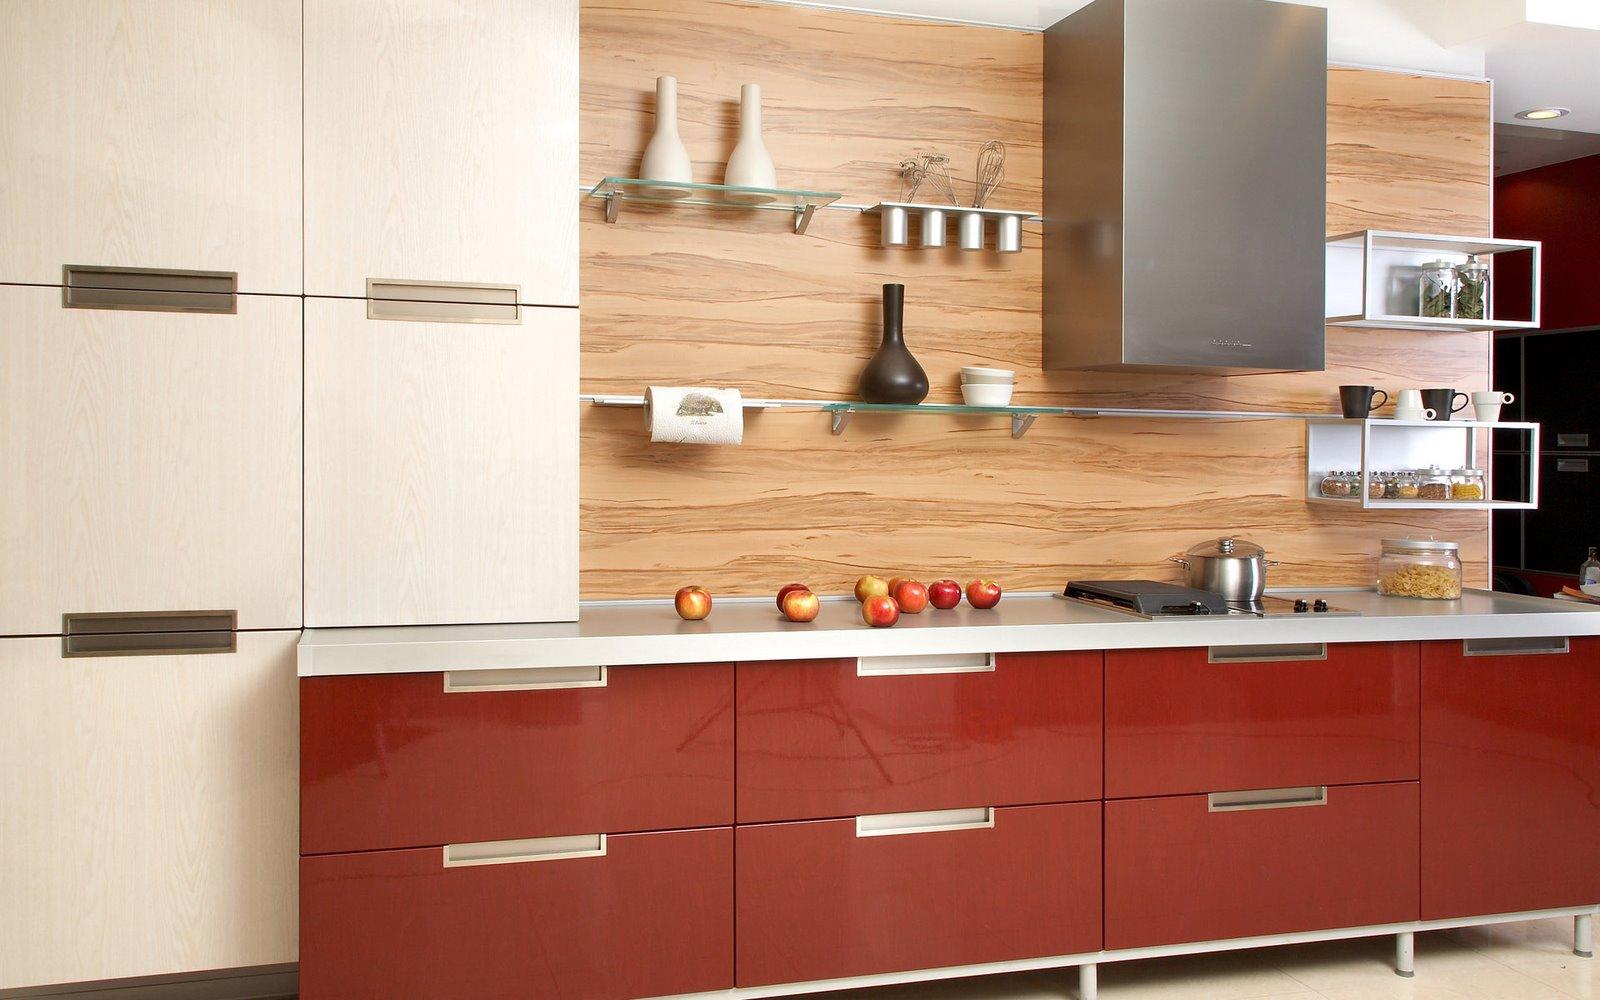 صورة مطبخ ايطالي احمر و بيج